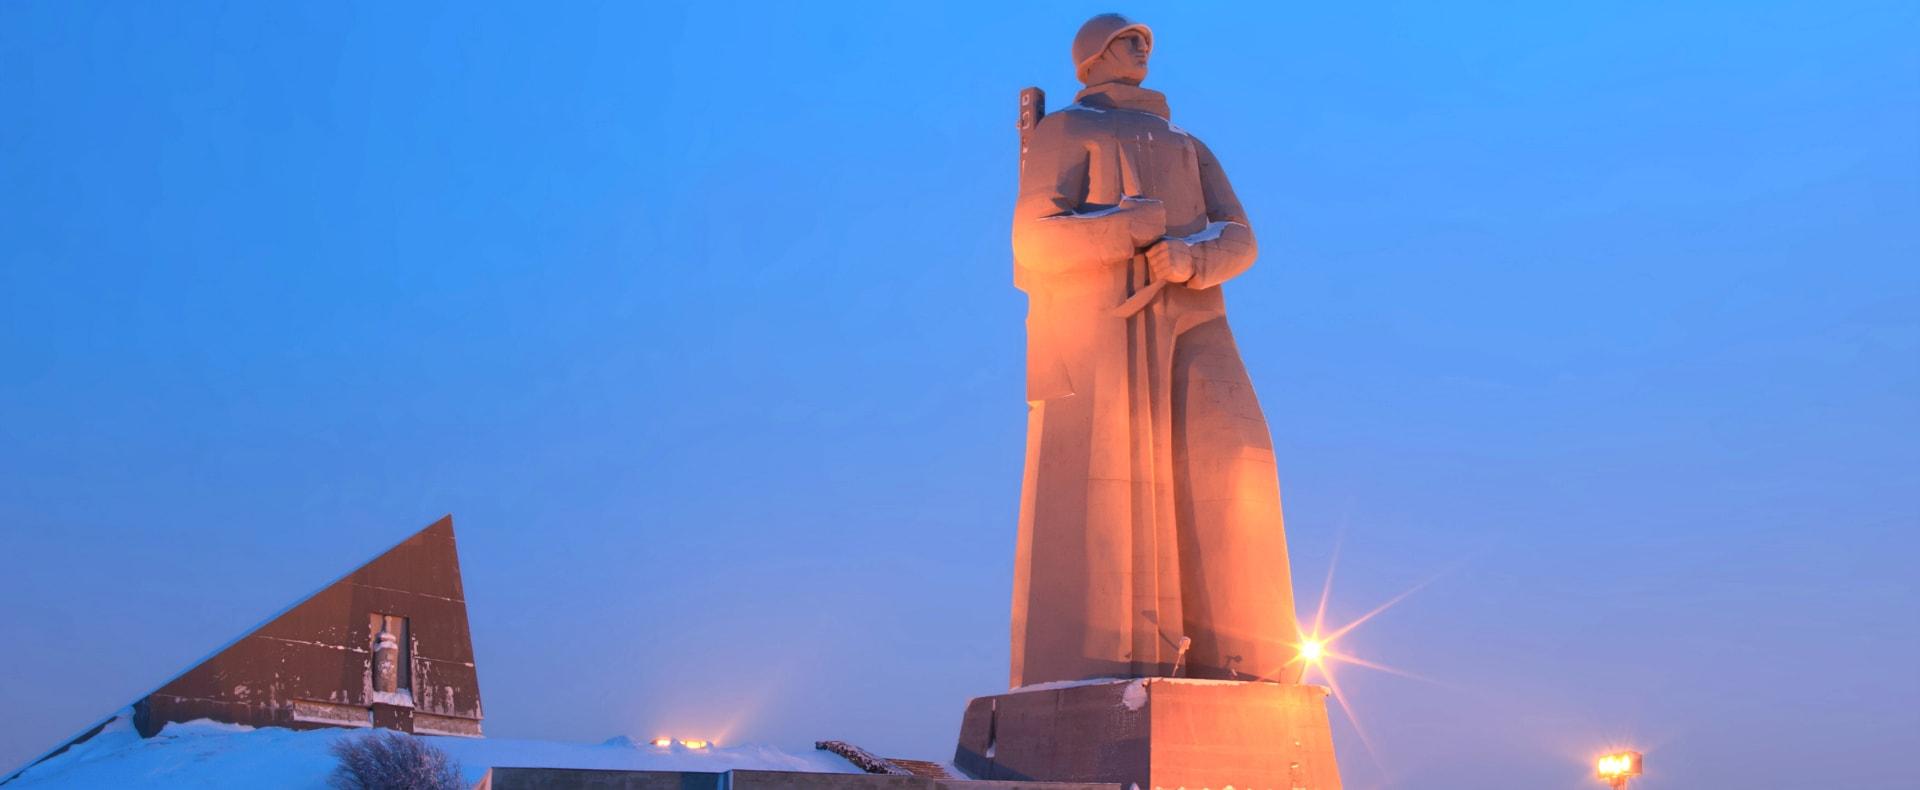 Murmansk, Russia Gallery